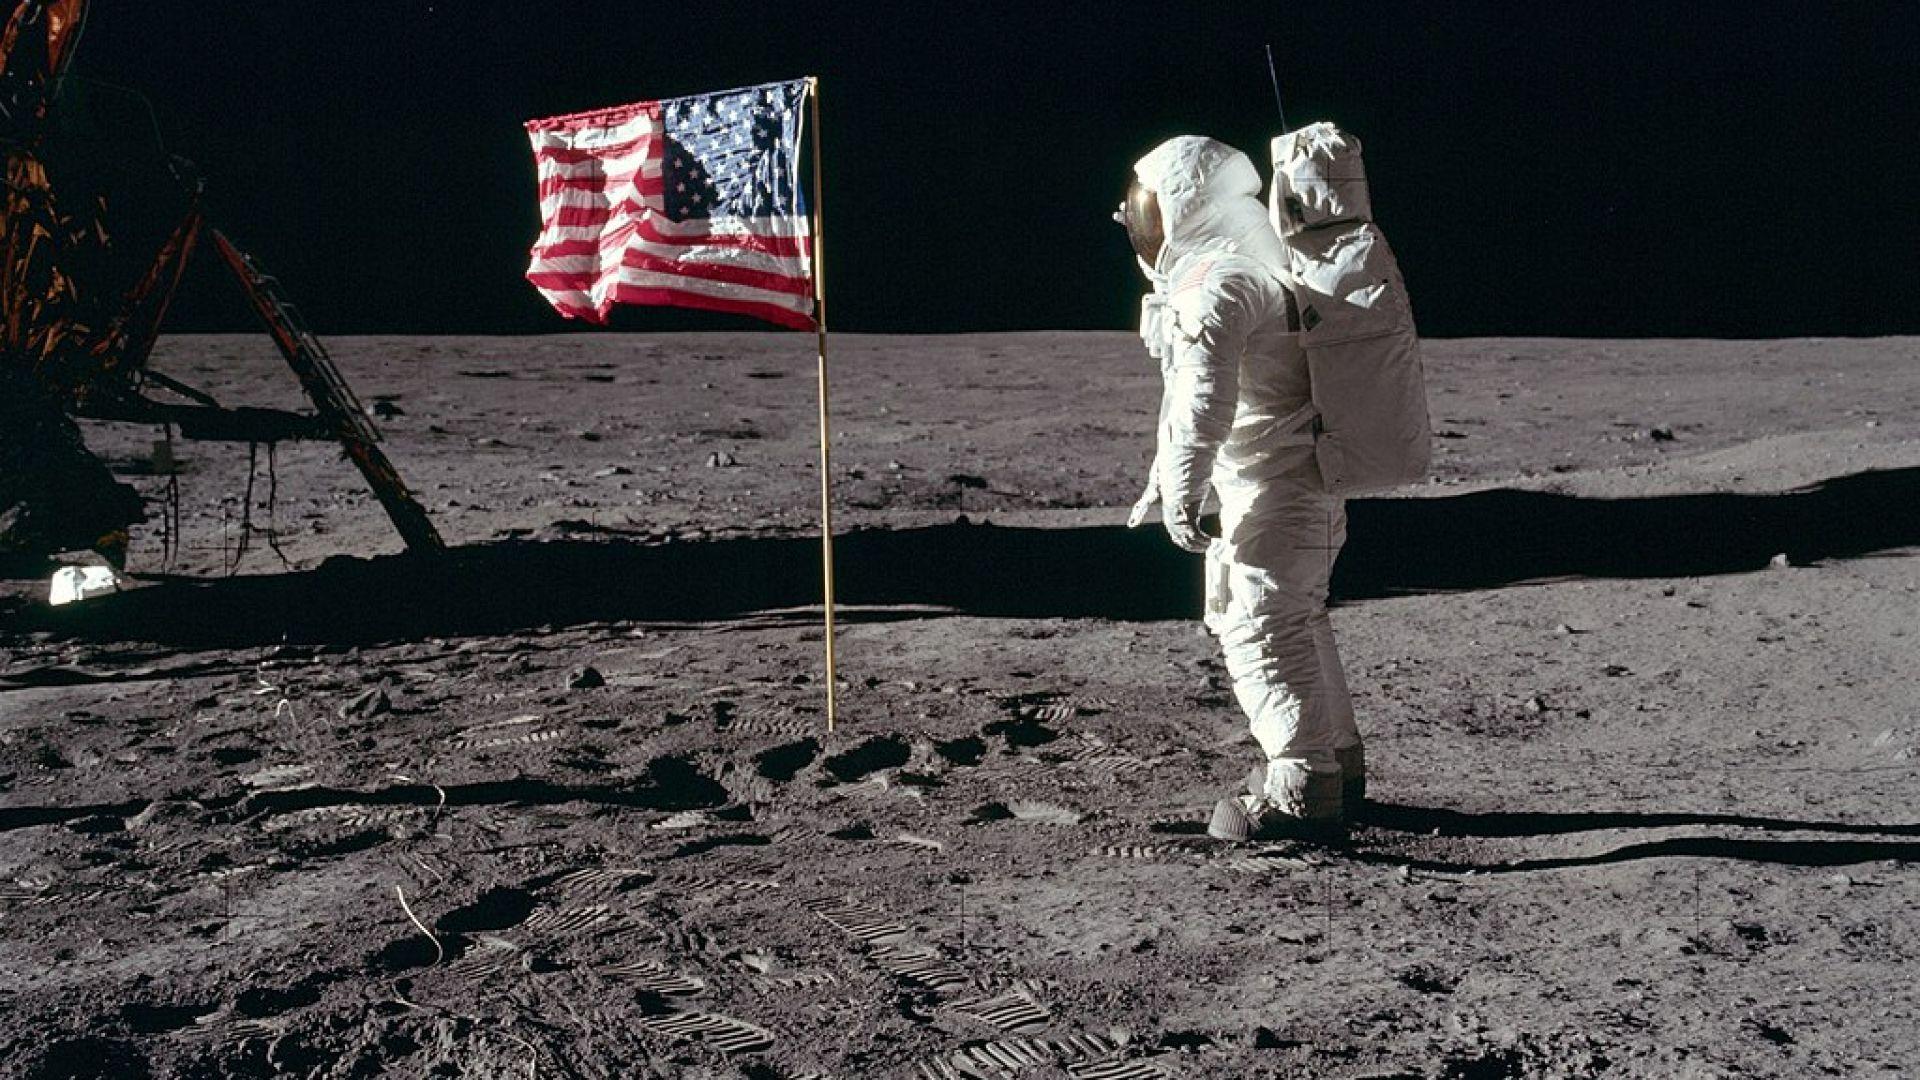 САЩ са първата и единствена държава, изпратила хора на Луната